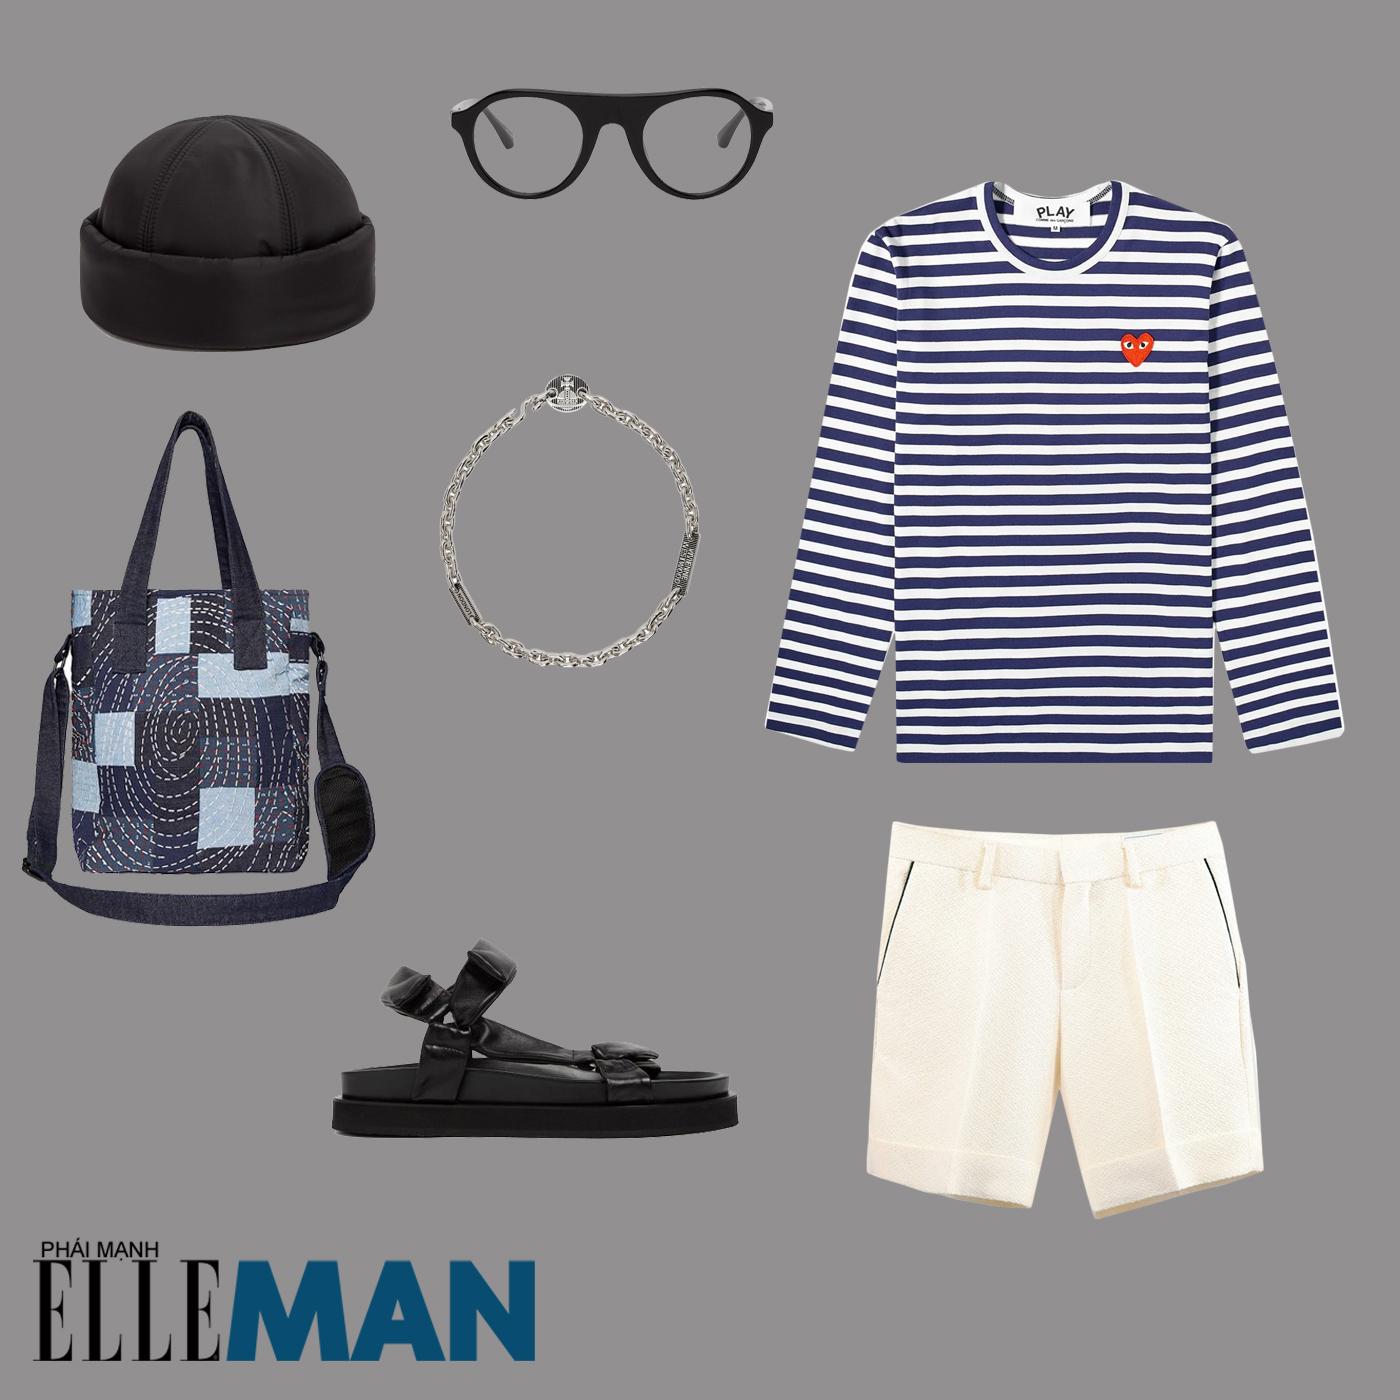 ao ke ngang breton - elle man style calendar - layout outfit 1